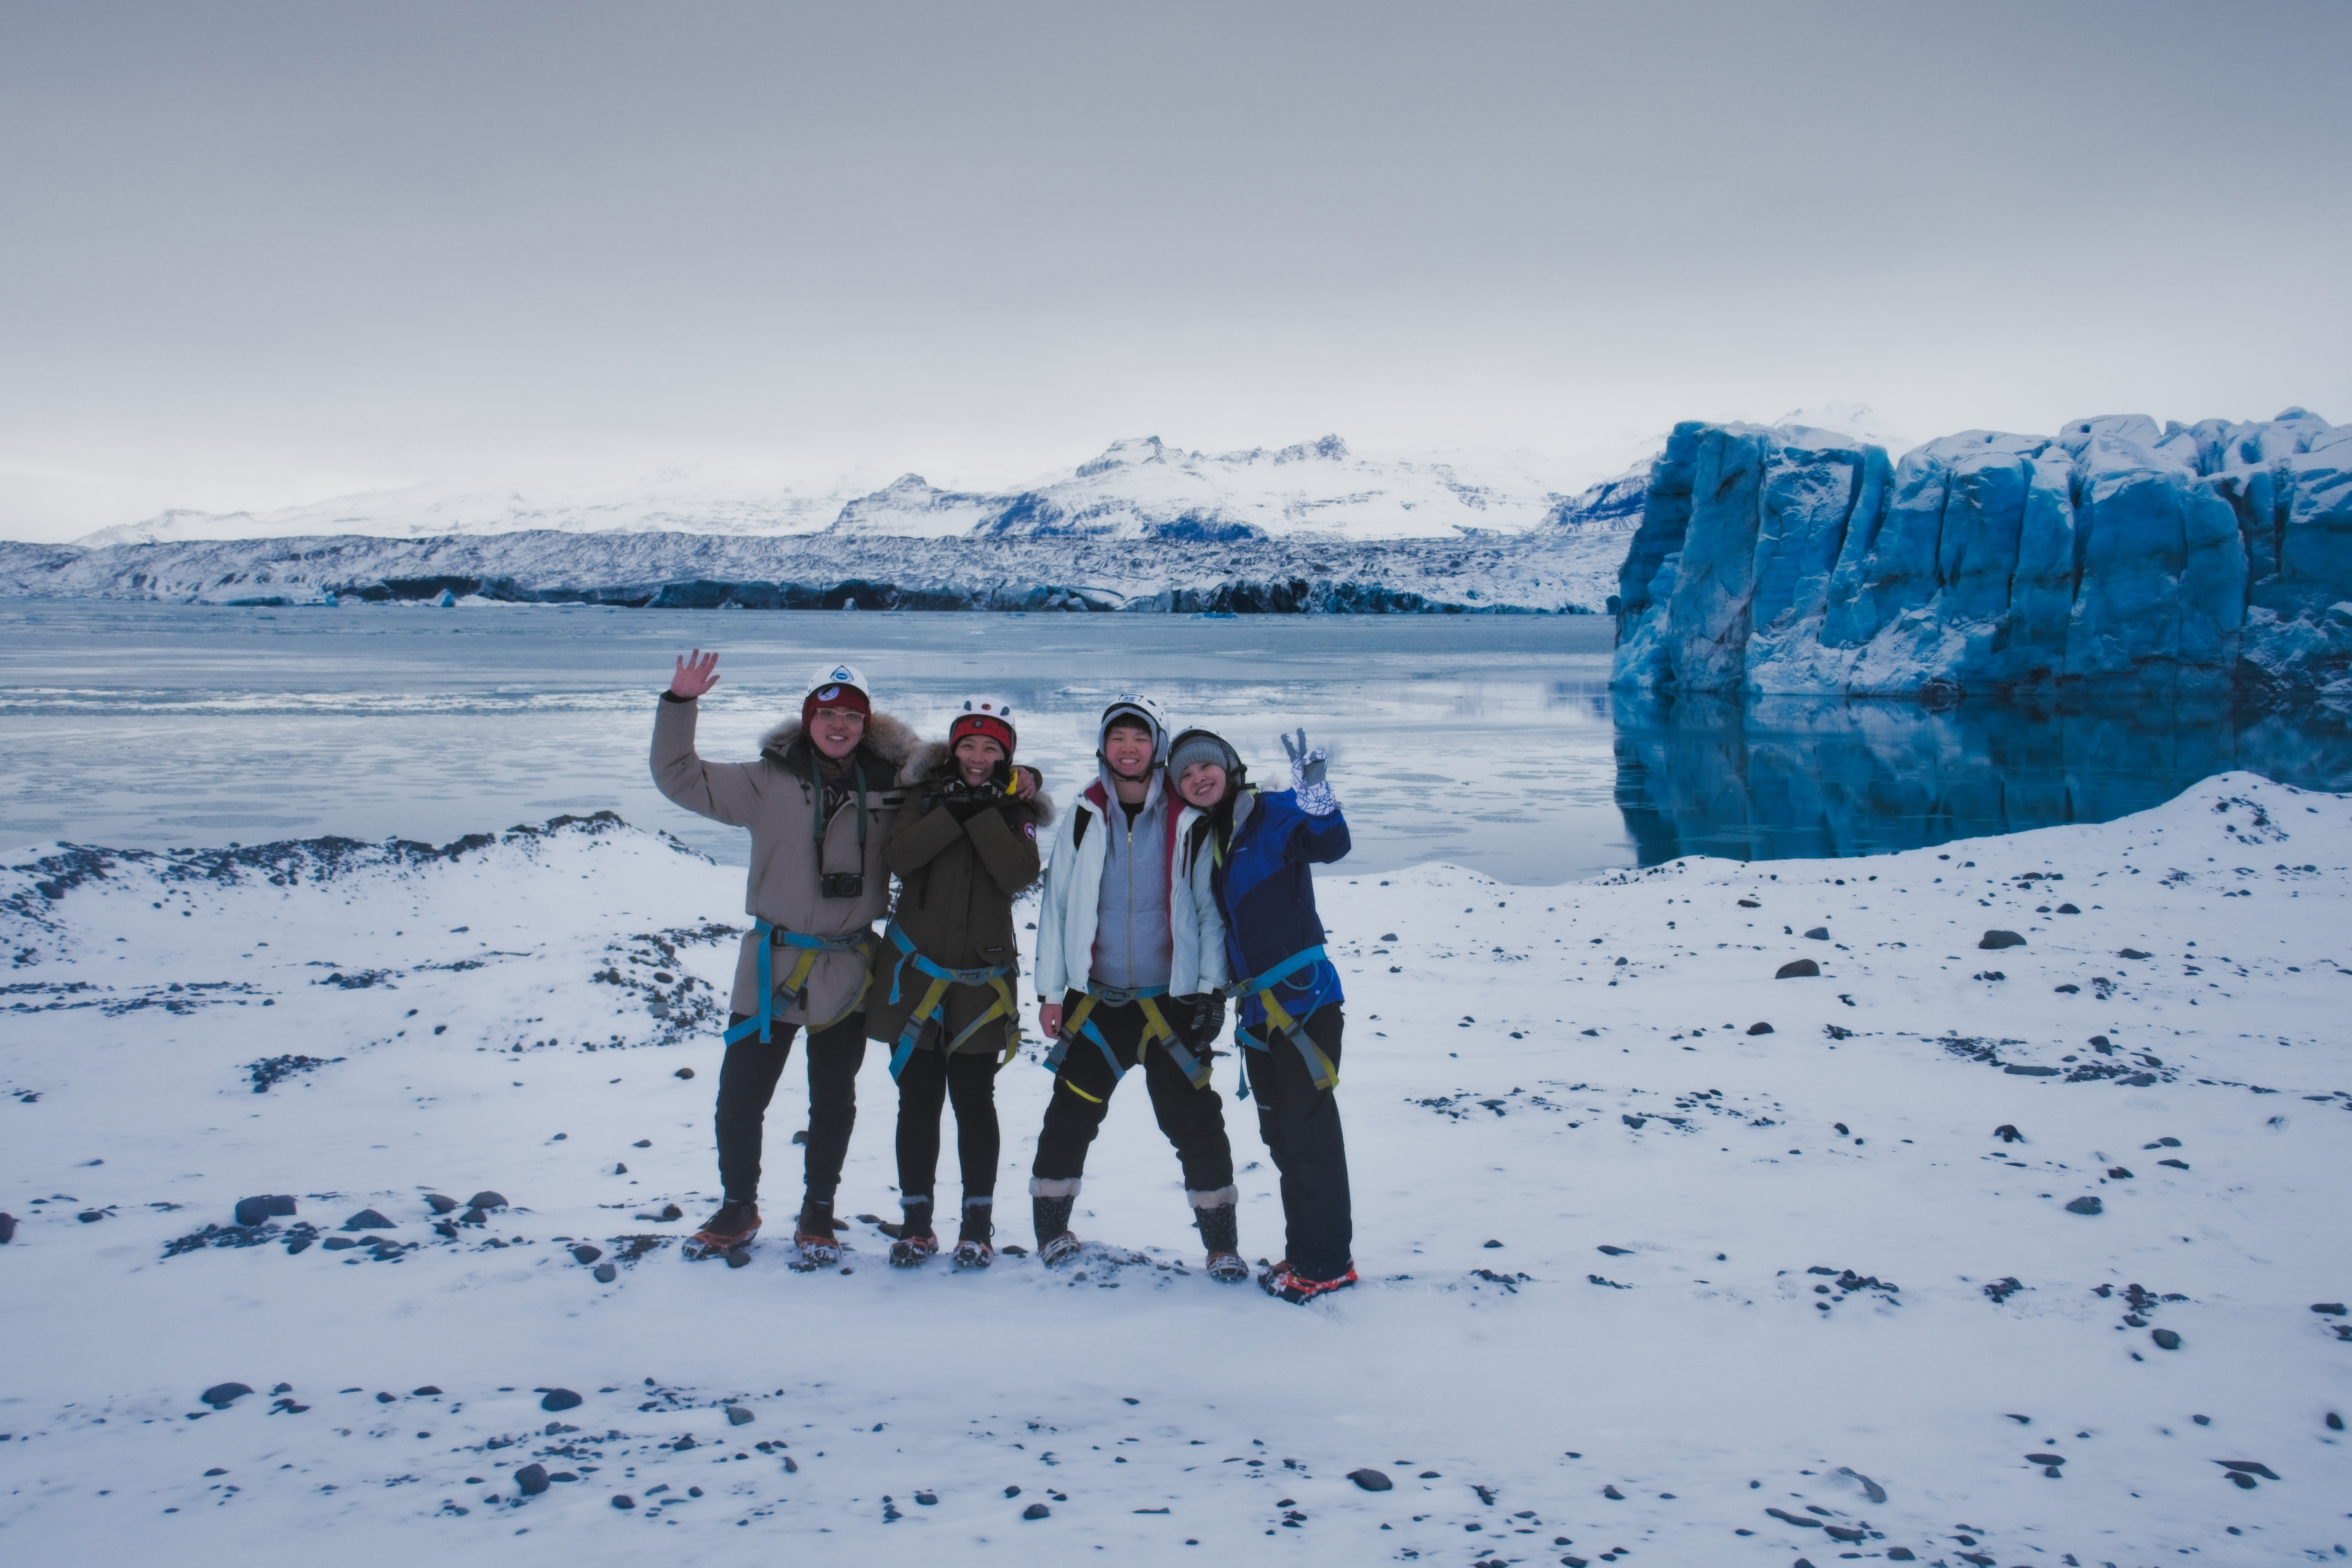 Glacier tour group on a Blue Iceland ice cave tour.